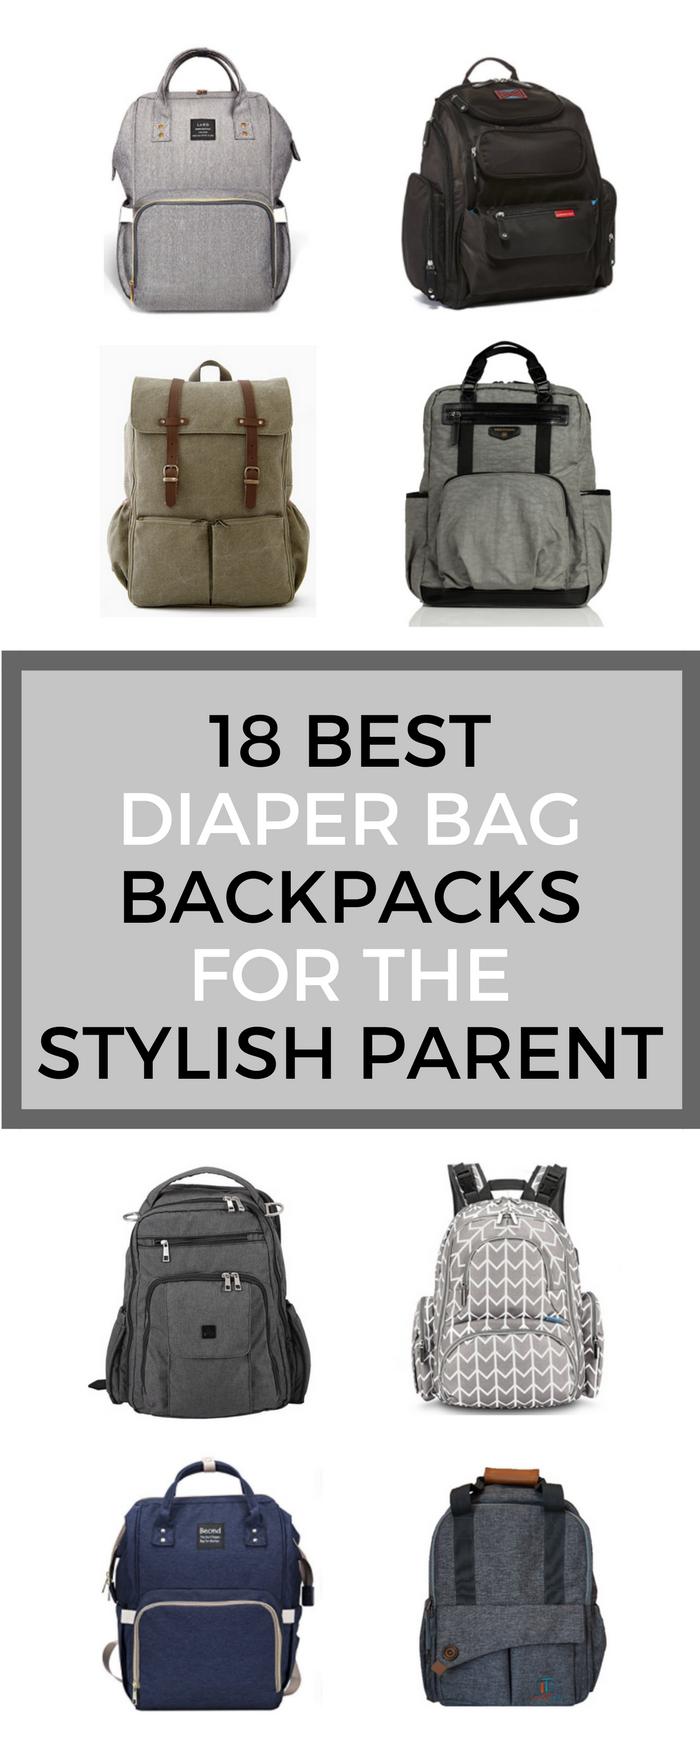 11 best diaper bag backpacks for the stylish parent. Black Bedroom Furniture Sets. Home Design Ideas